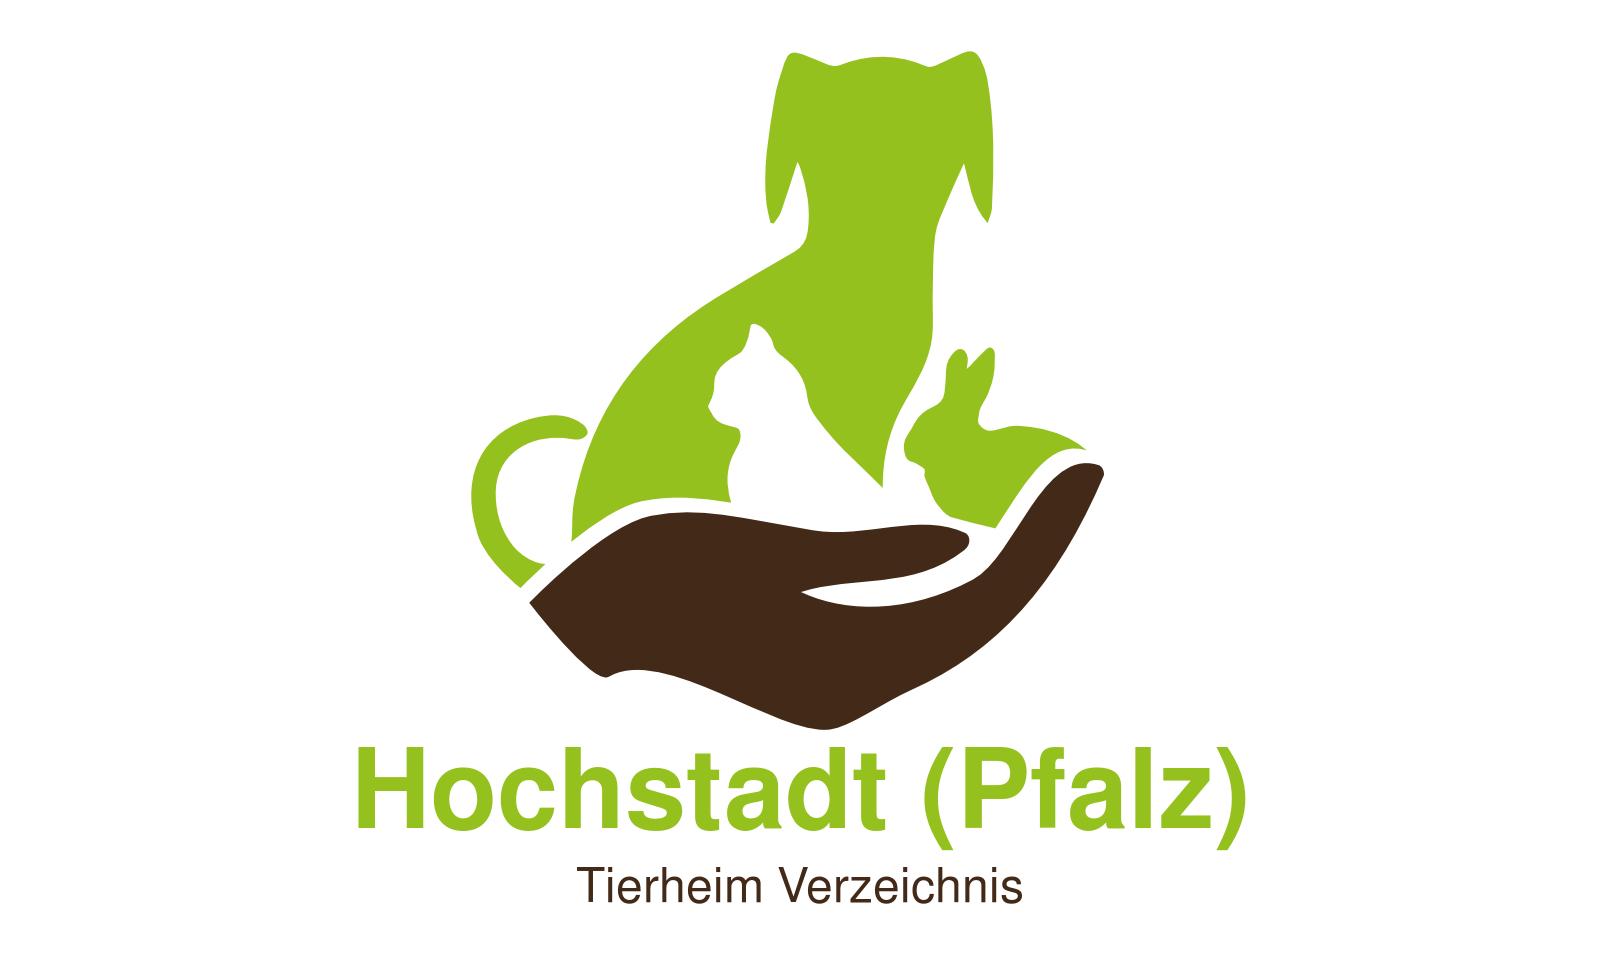 Tierheim Hochstadt (Pfalz)